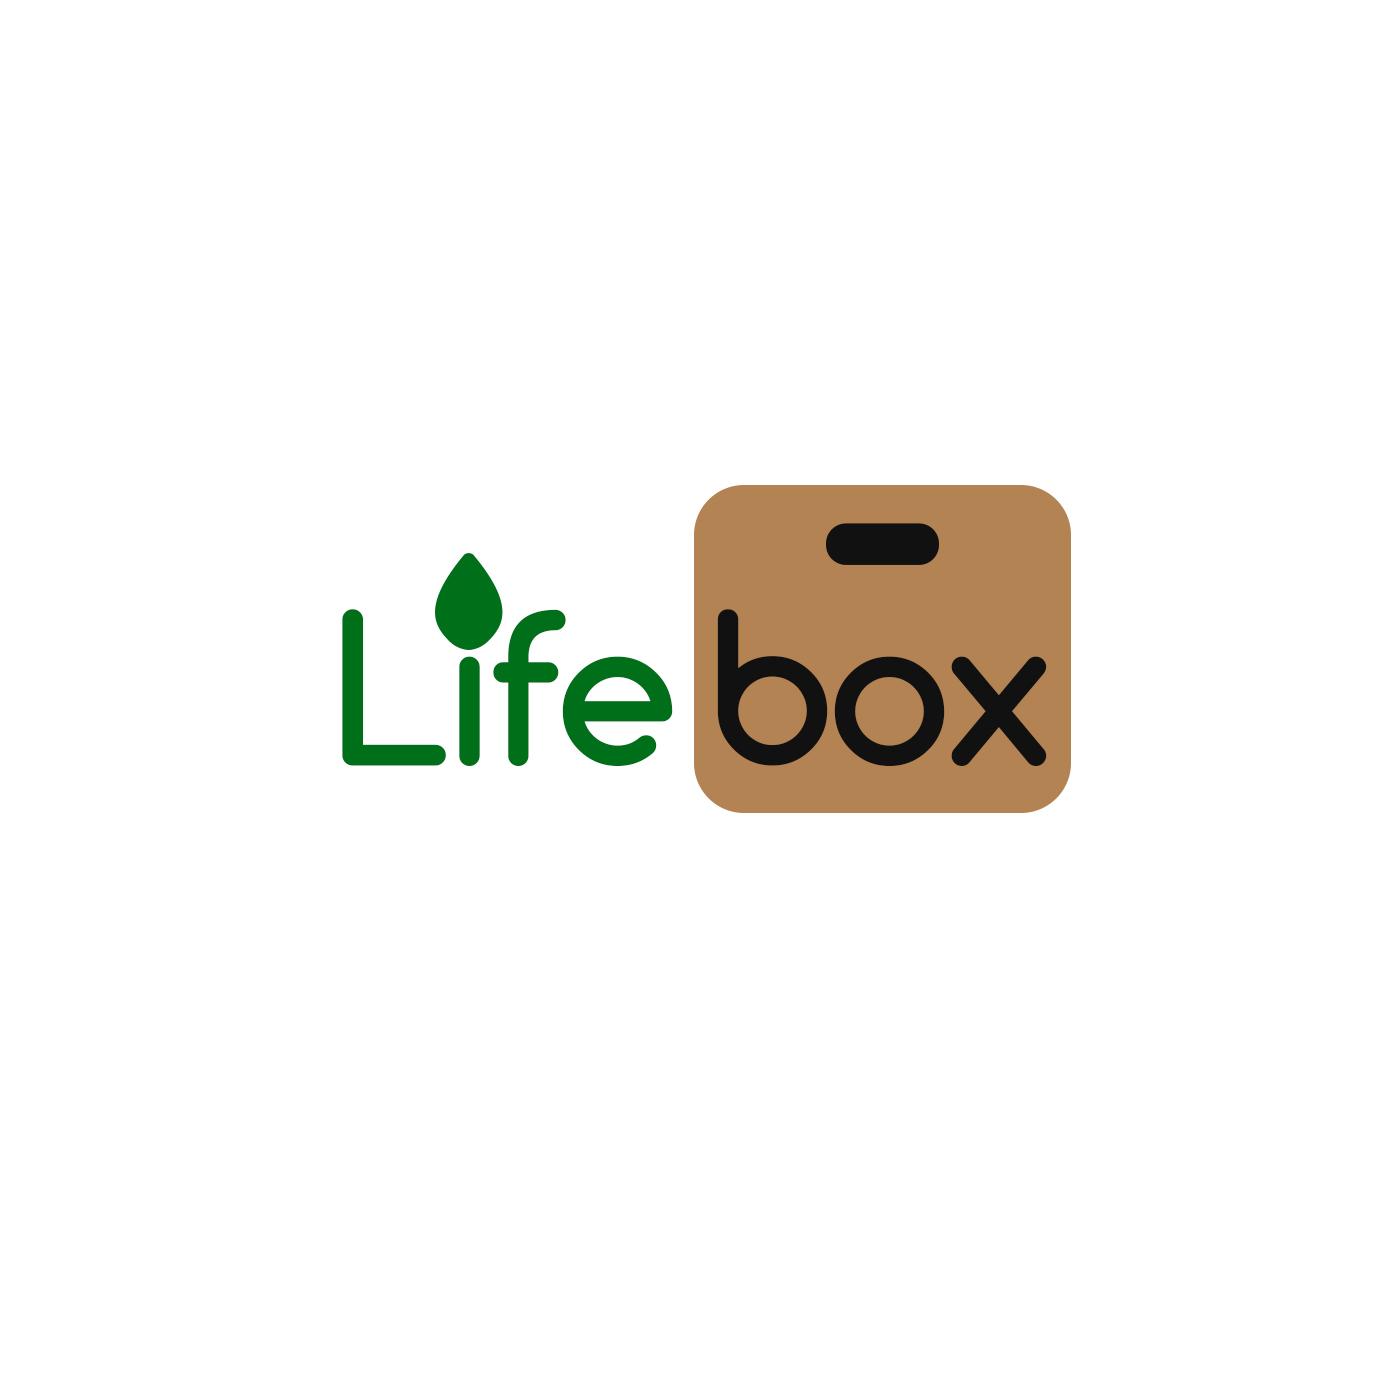 Разработка Логотипа. Победитель получит расширеный заказ  фото f_3715c26266888ff1.jpg